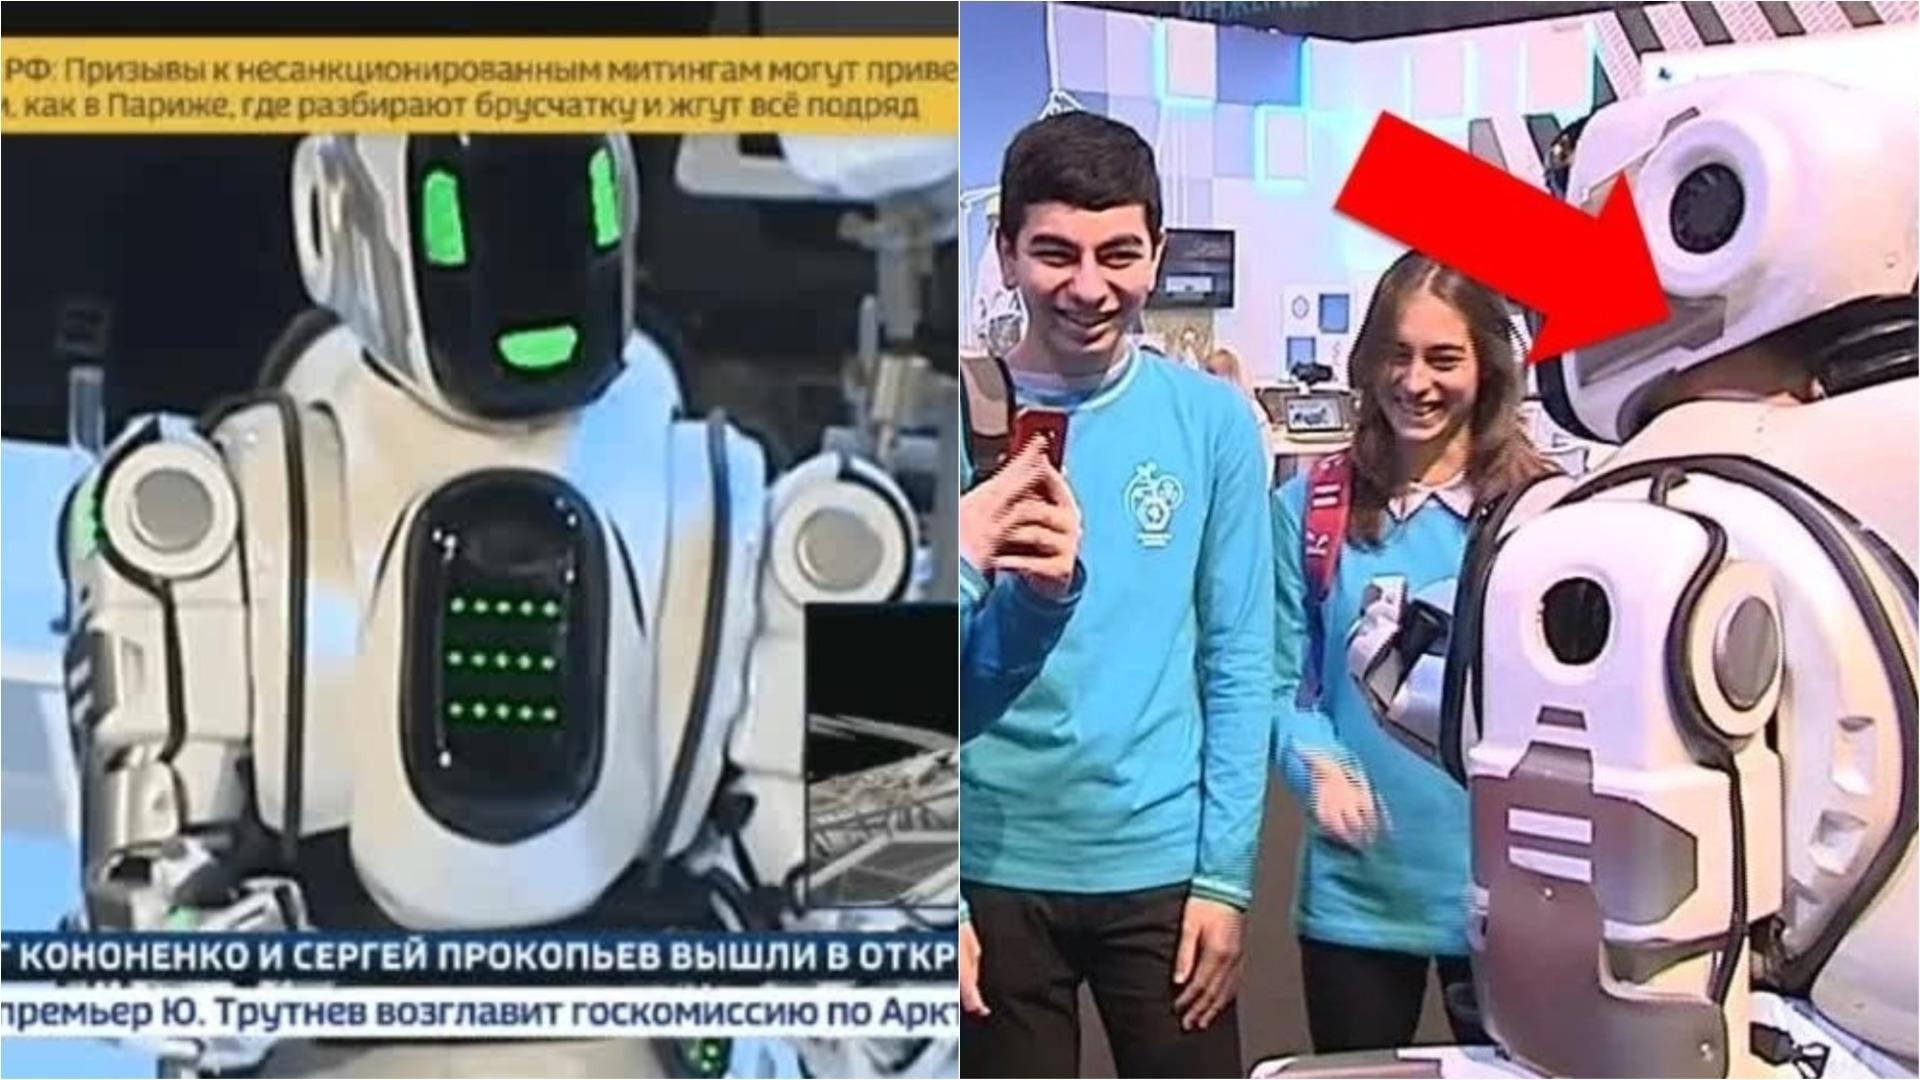 El baile del robot engañó a algunos de los presentadores de Russia-24.